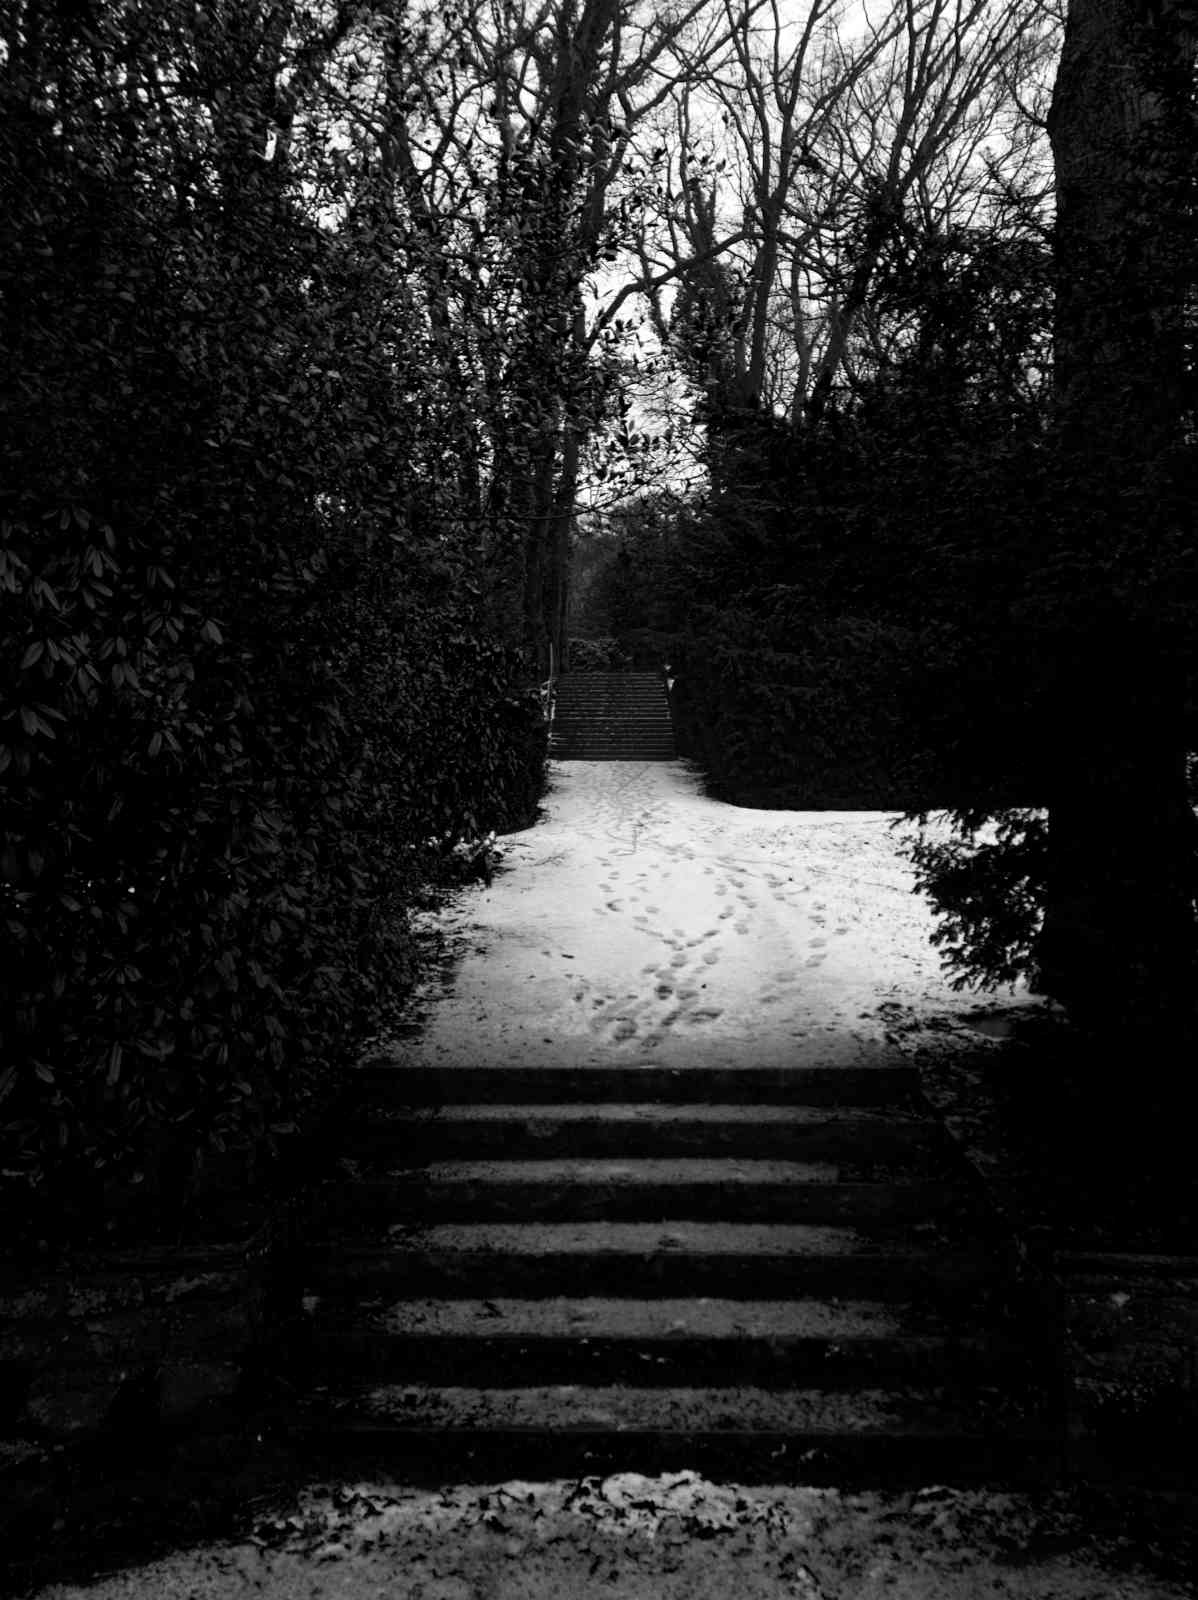 Ehrenfriedhof Königshöhe - Spuren im Schnee